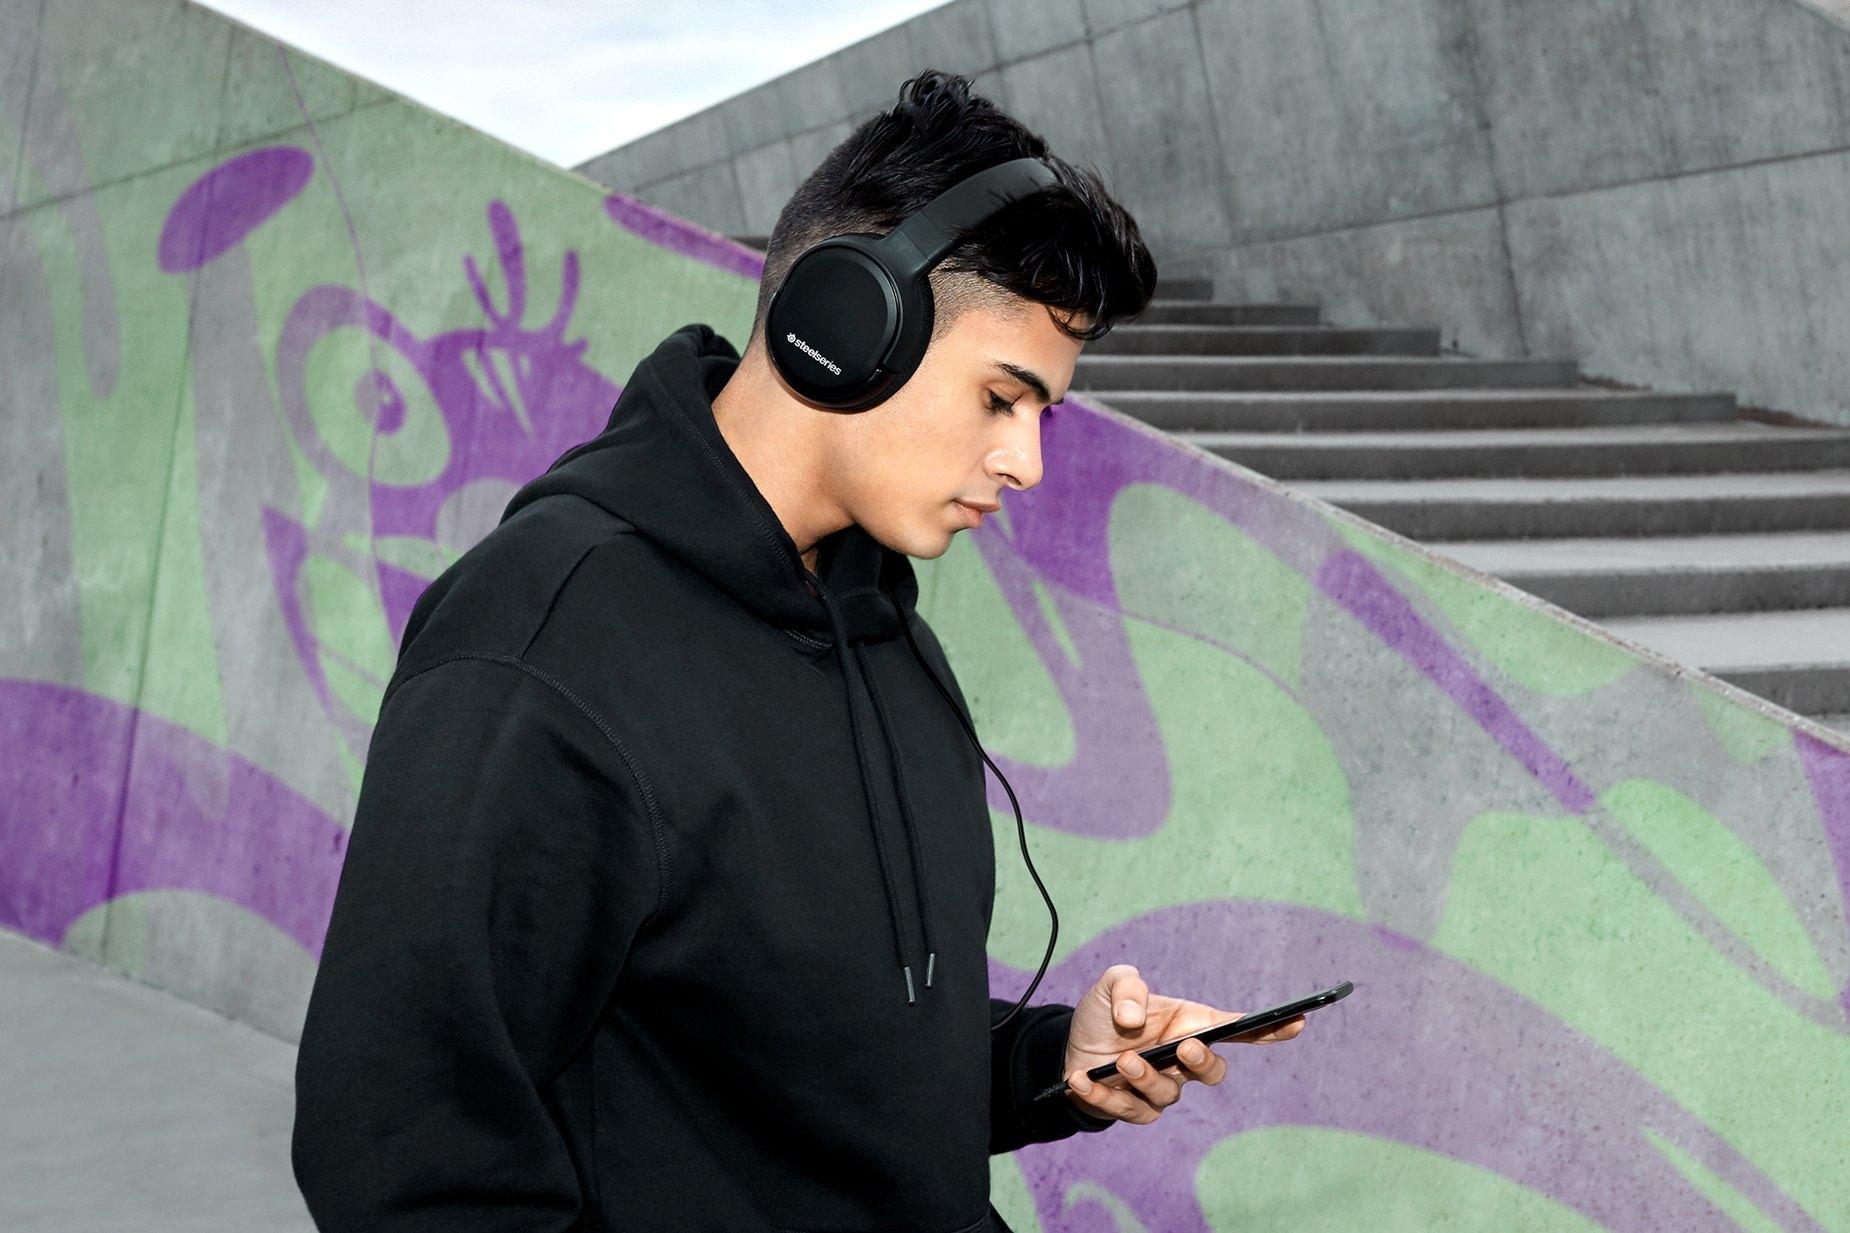 Un gamer en extérieur qui écoute de la musique sur un appareil mobile en utilisant le casque audio de gaming Arctis1